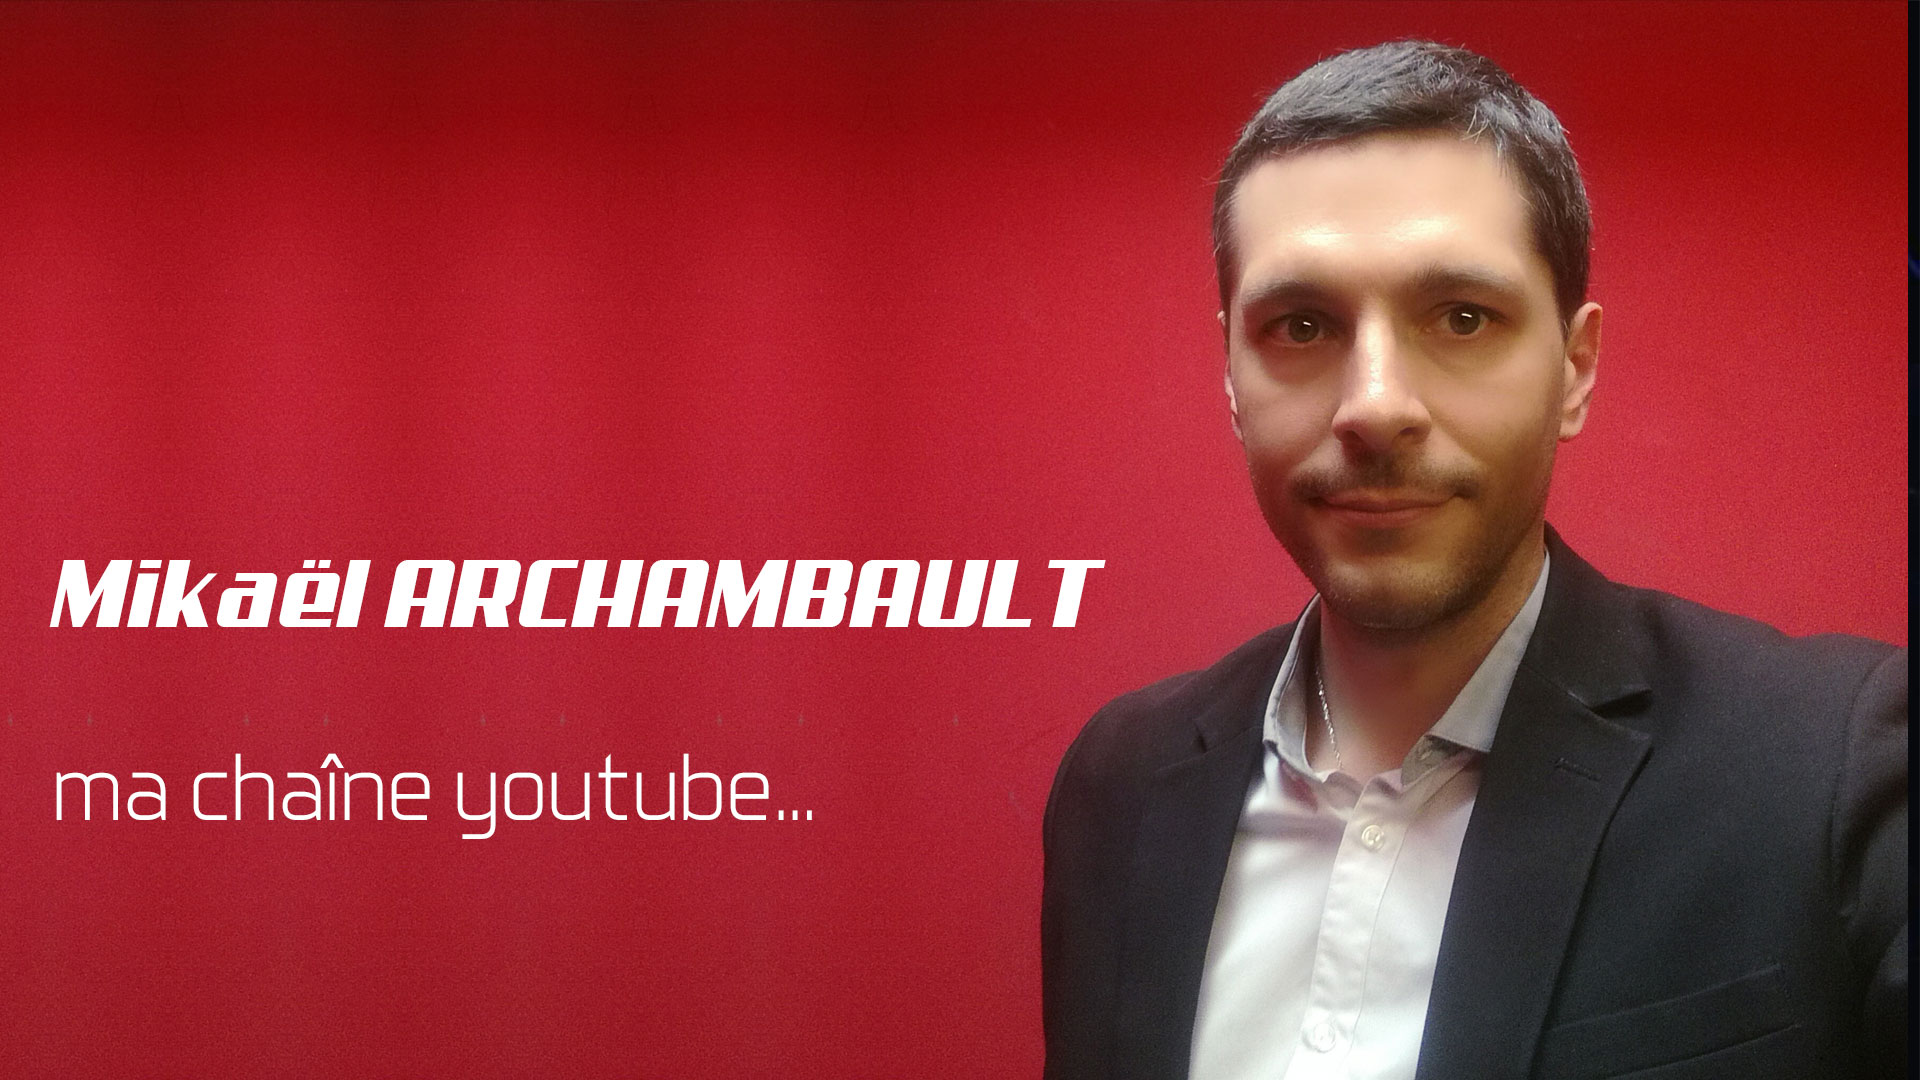 Des vidéos bientôt disponibles sur ma chaîne youtube